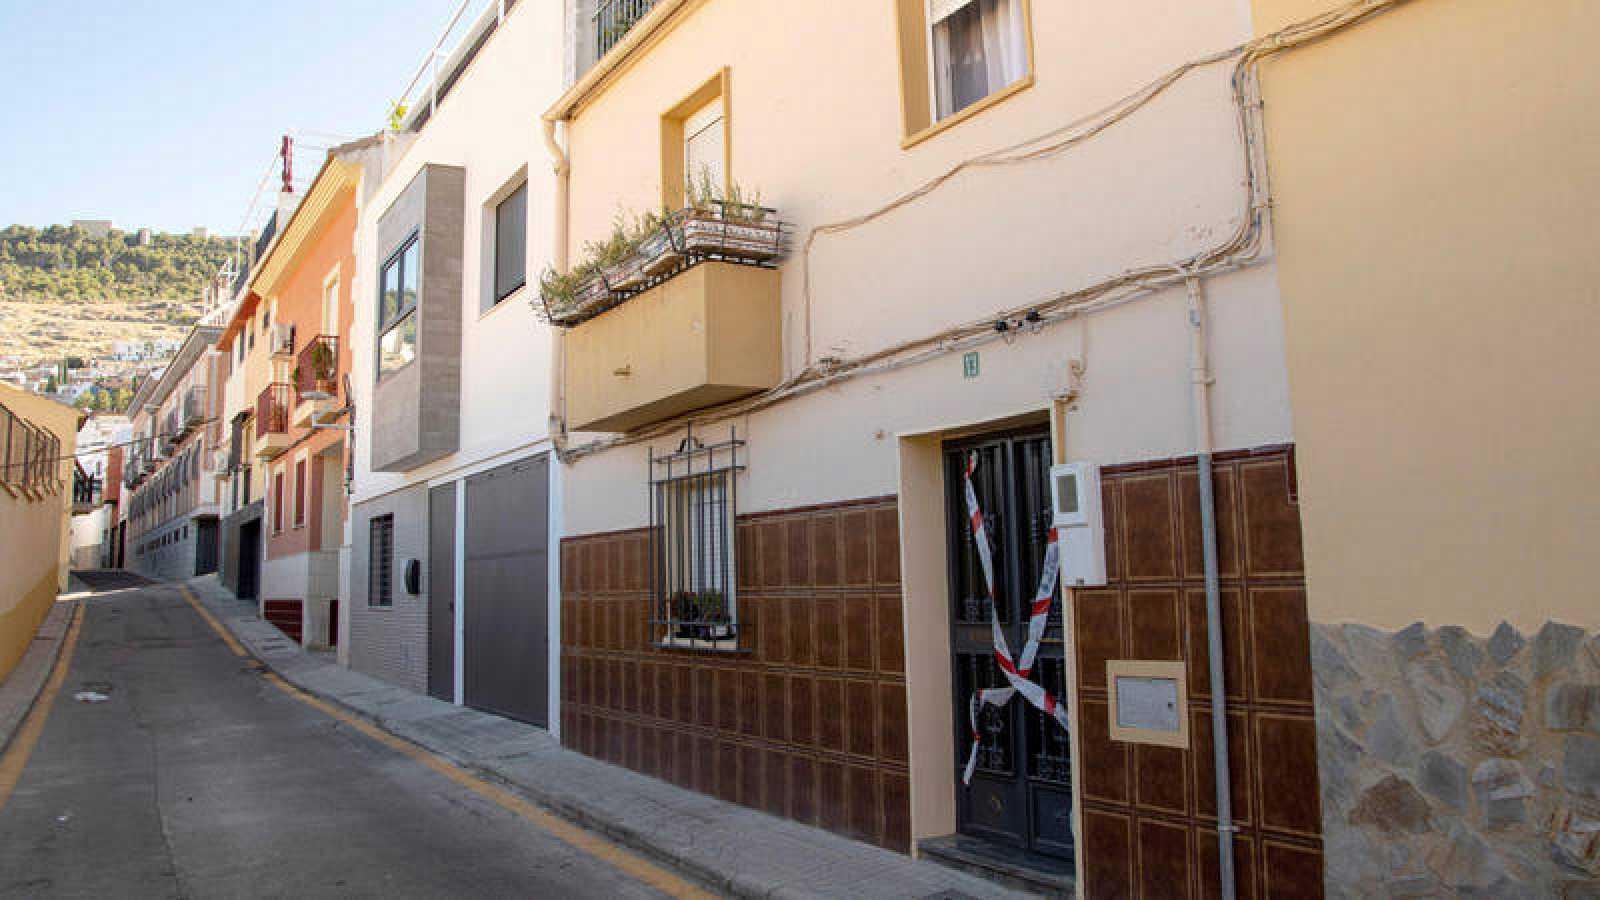 Número 13 de la calle Francisco Ayala García Duarte, en Jaén, donde una mujer de 73 años ha sido asesinada presuntamente por su marido